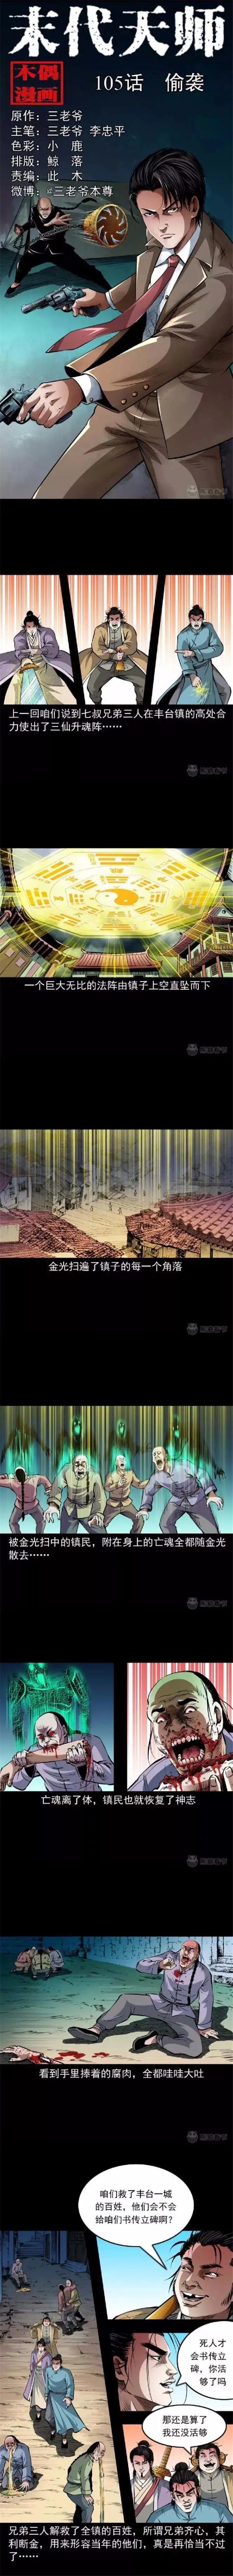 僵尸王漫画:末代天师第105话之偷袭